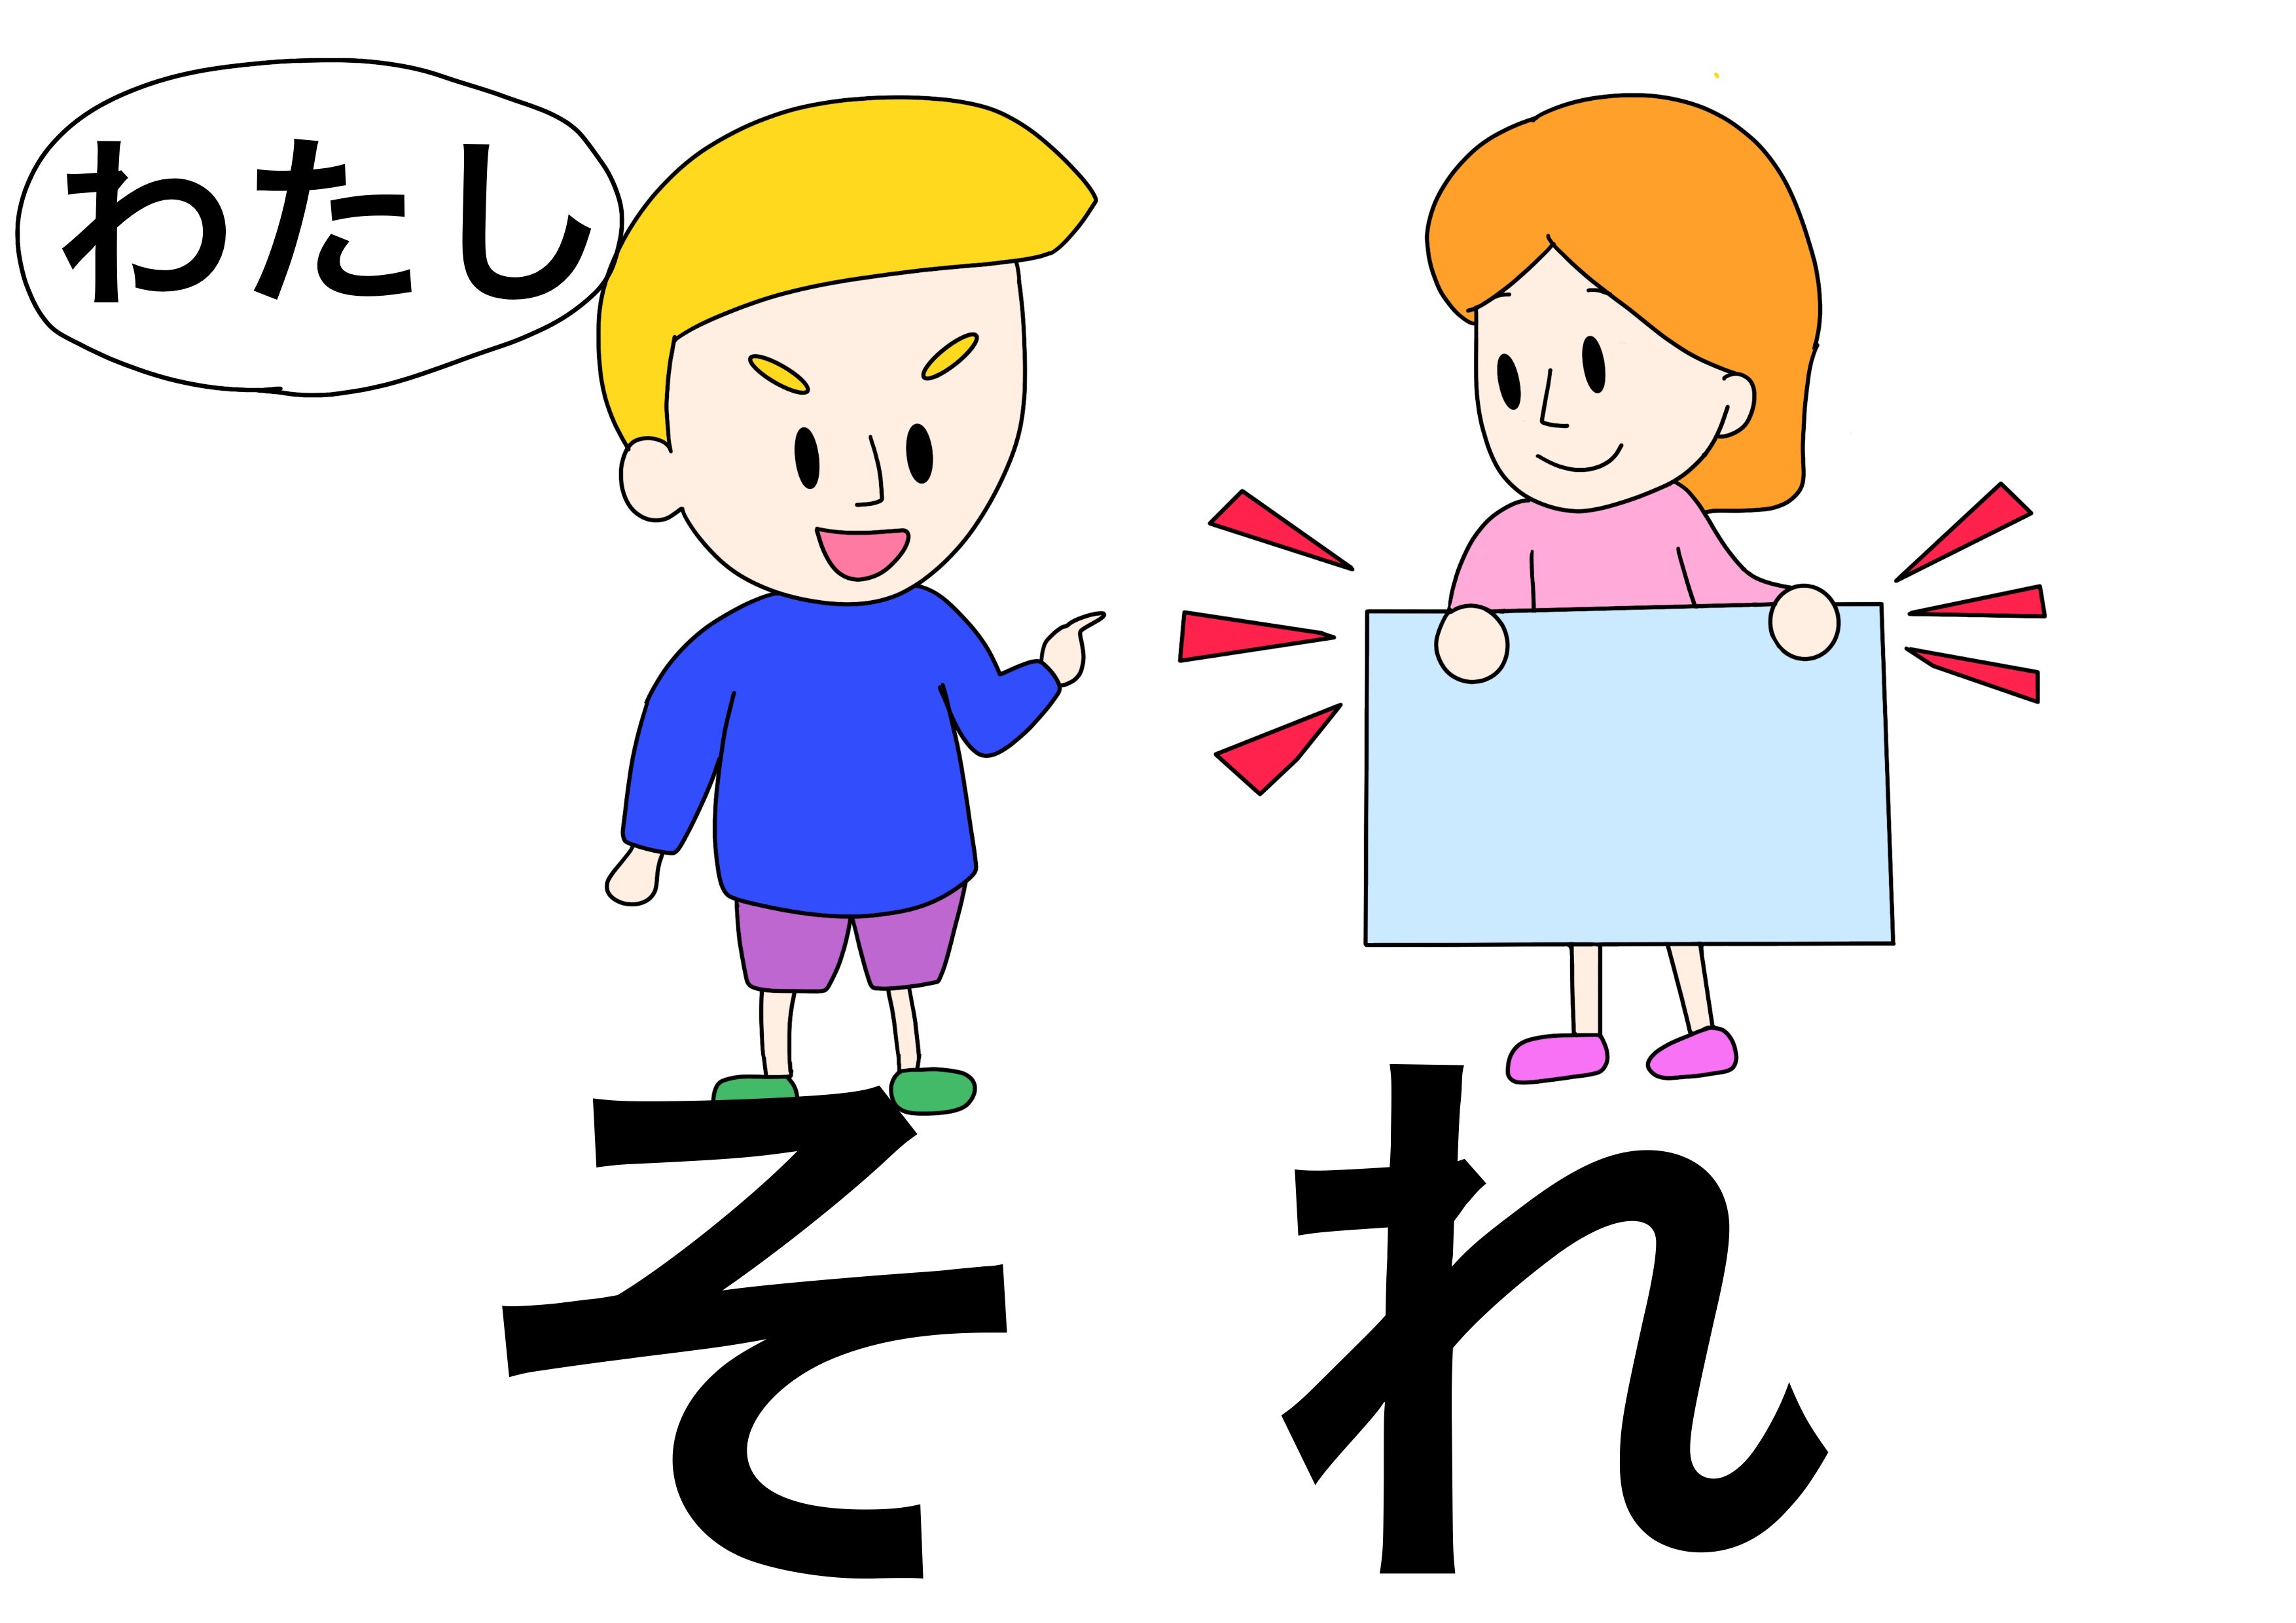 2課イラスト【それ】(これ/それ/あれ)